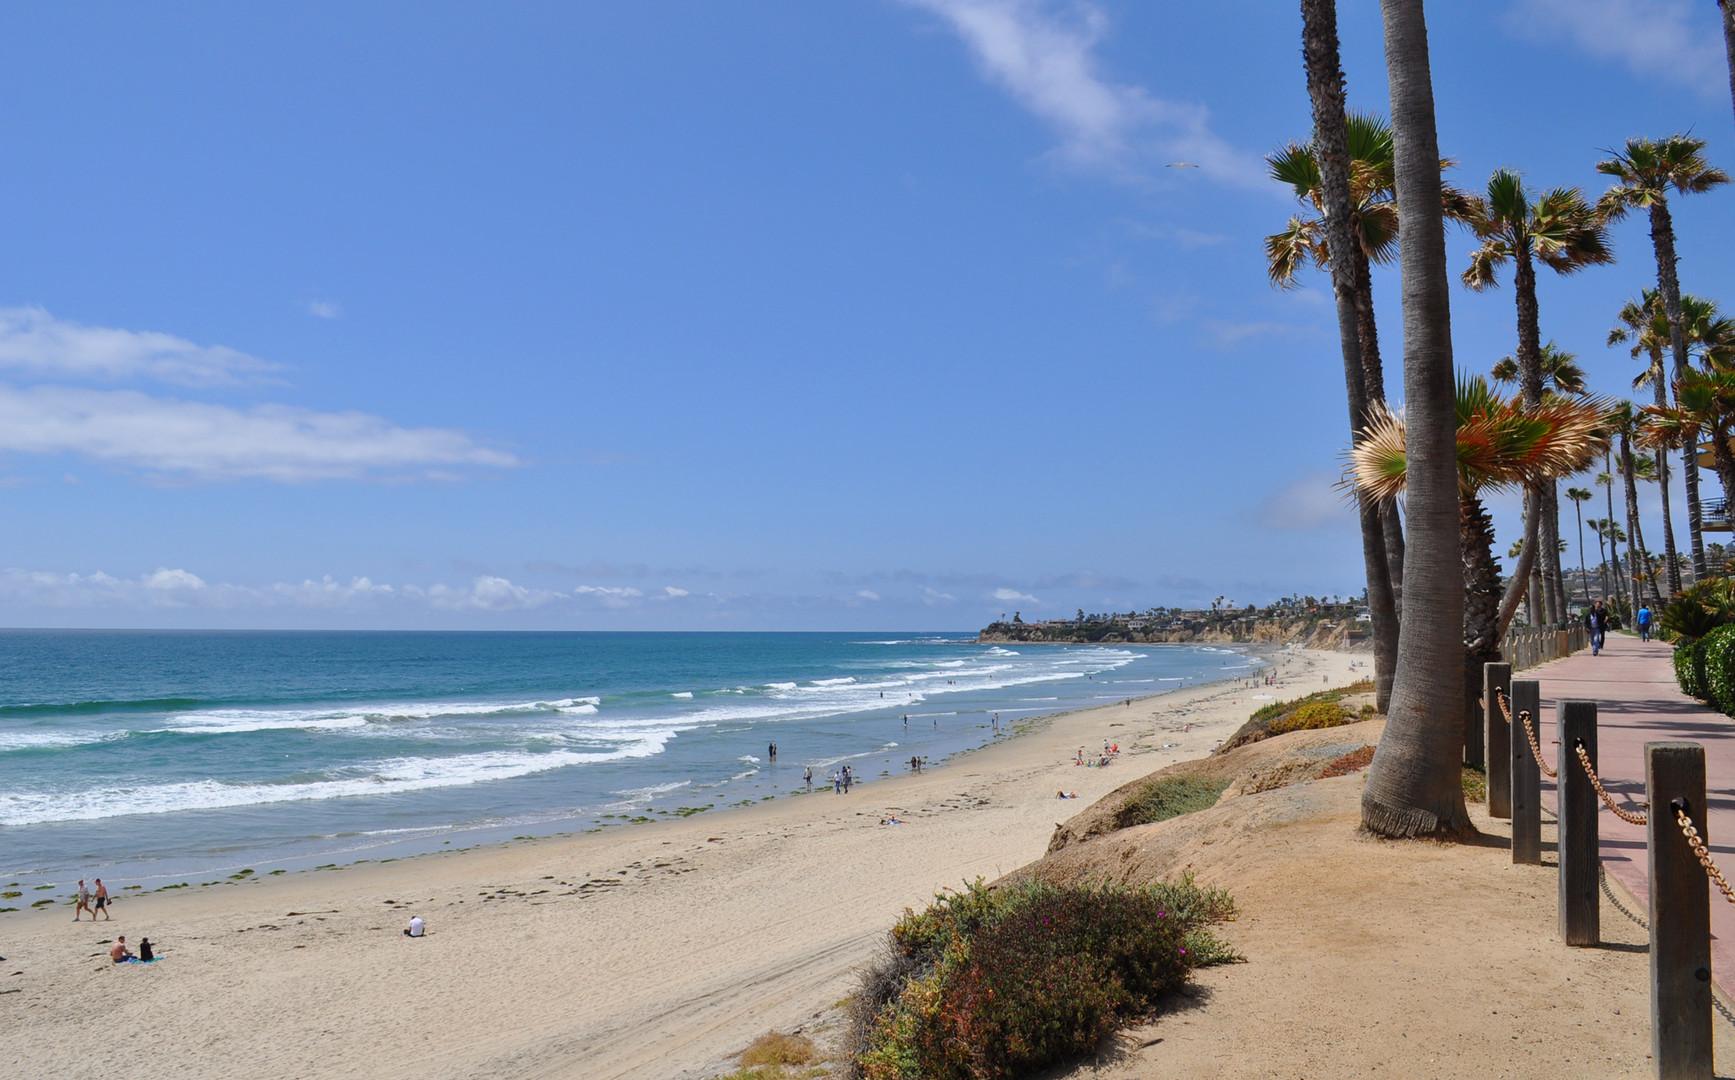 Holiday Blues: San Diego